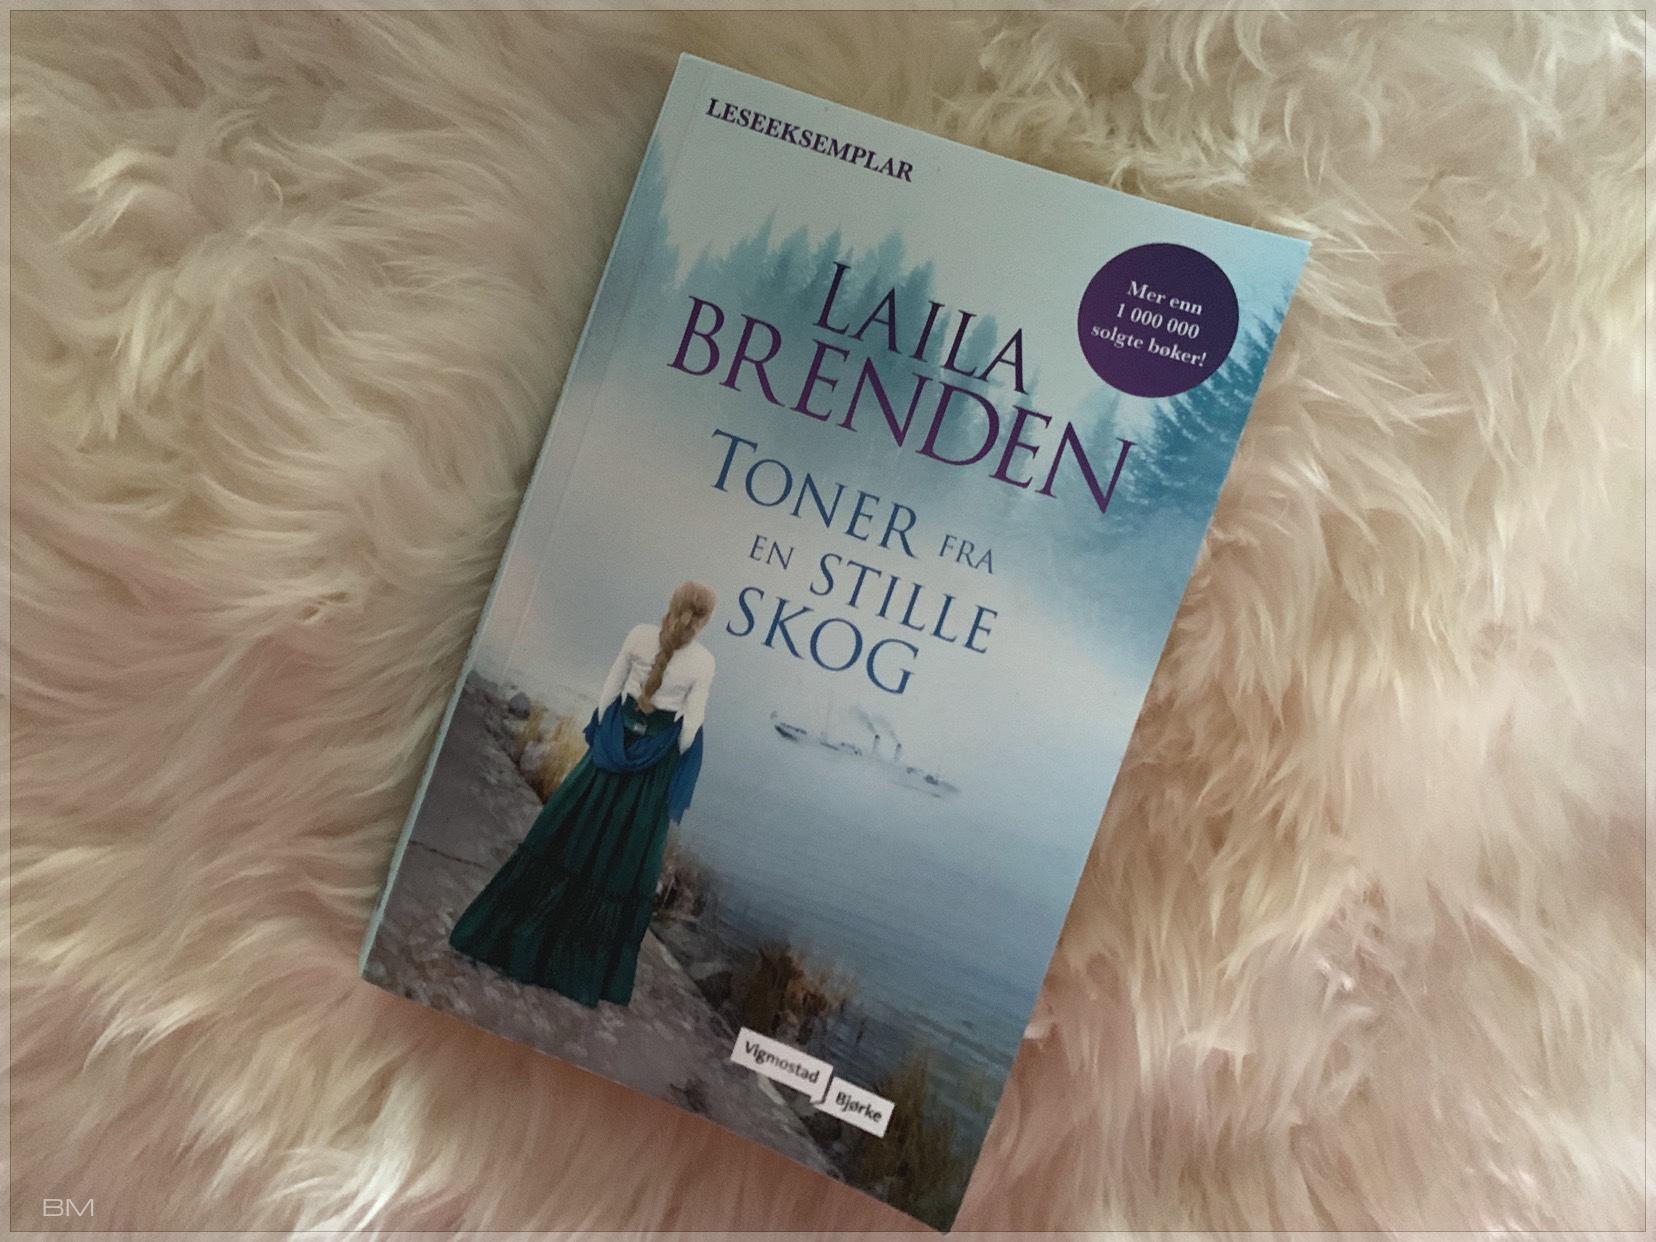 Toner fra en stille skog. En bok av Laila Brenden.